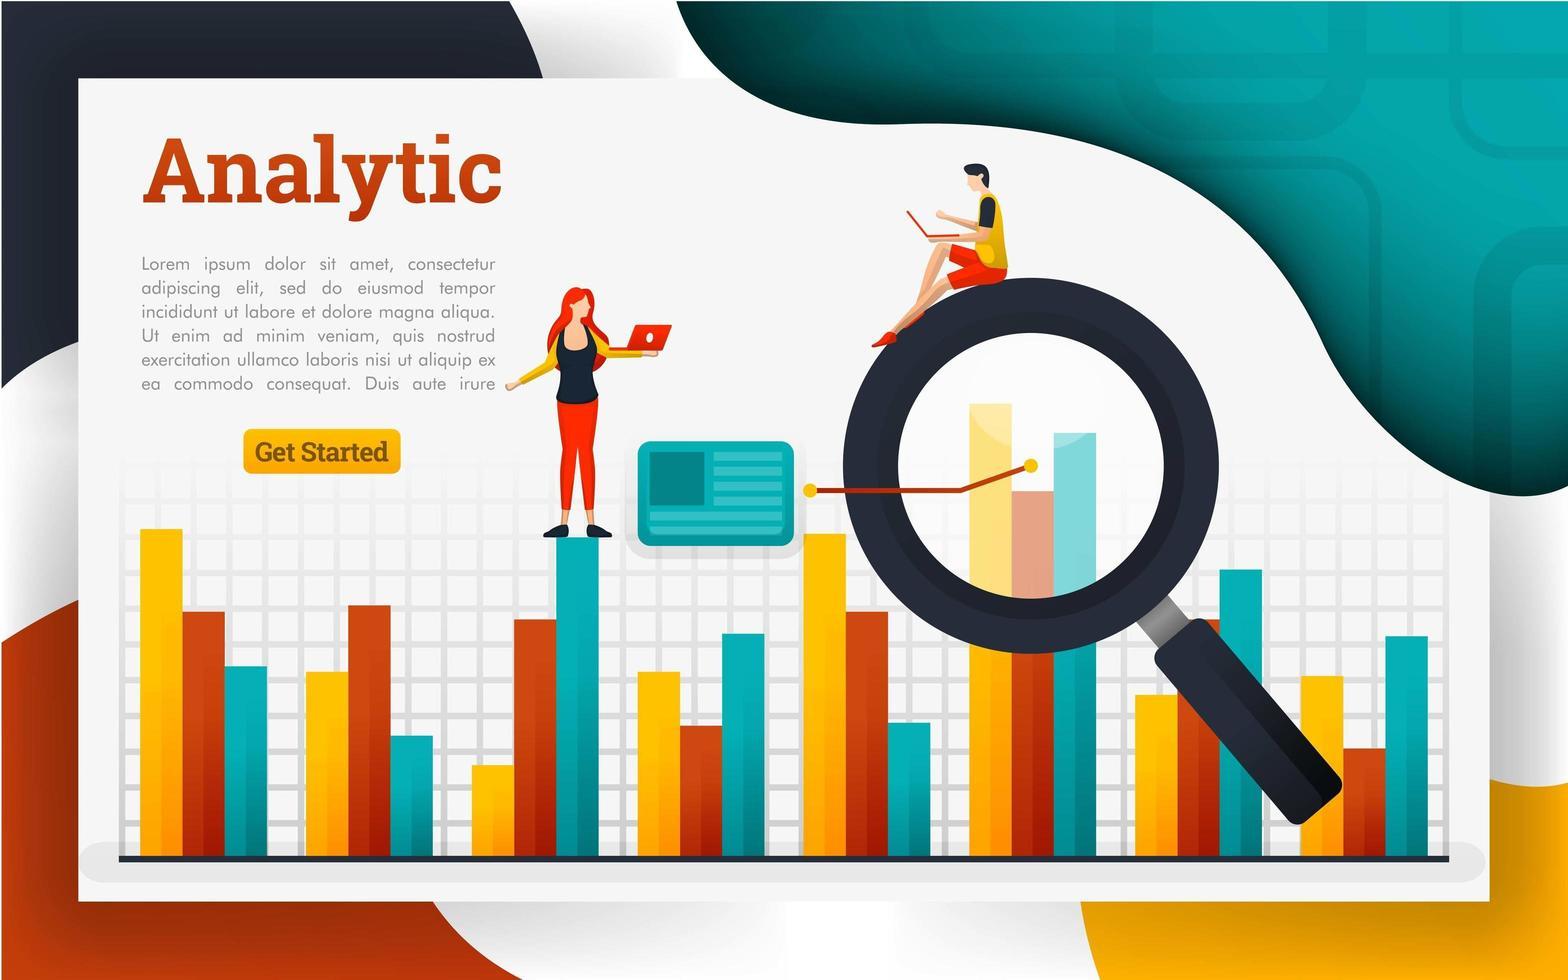 analyslandningssidor för ekonomi och företag vektor